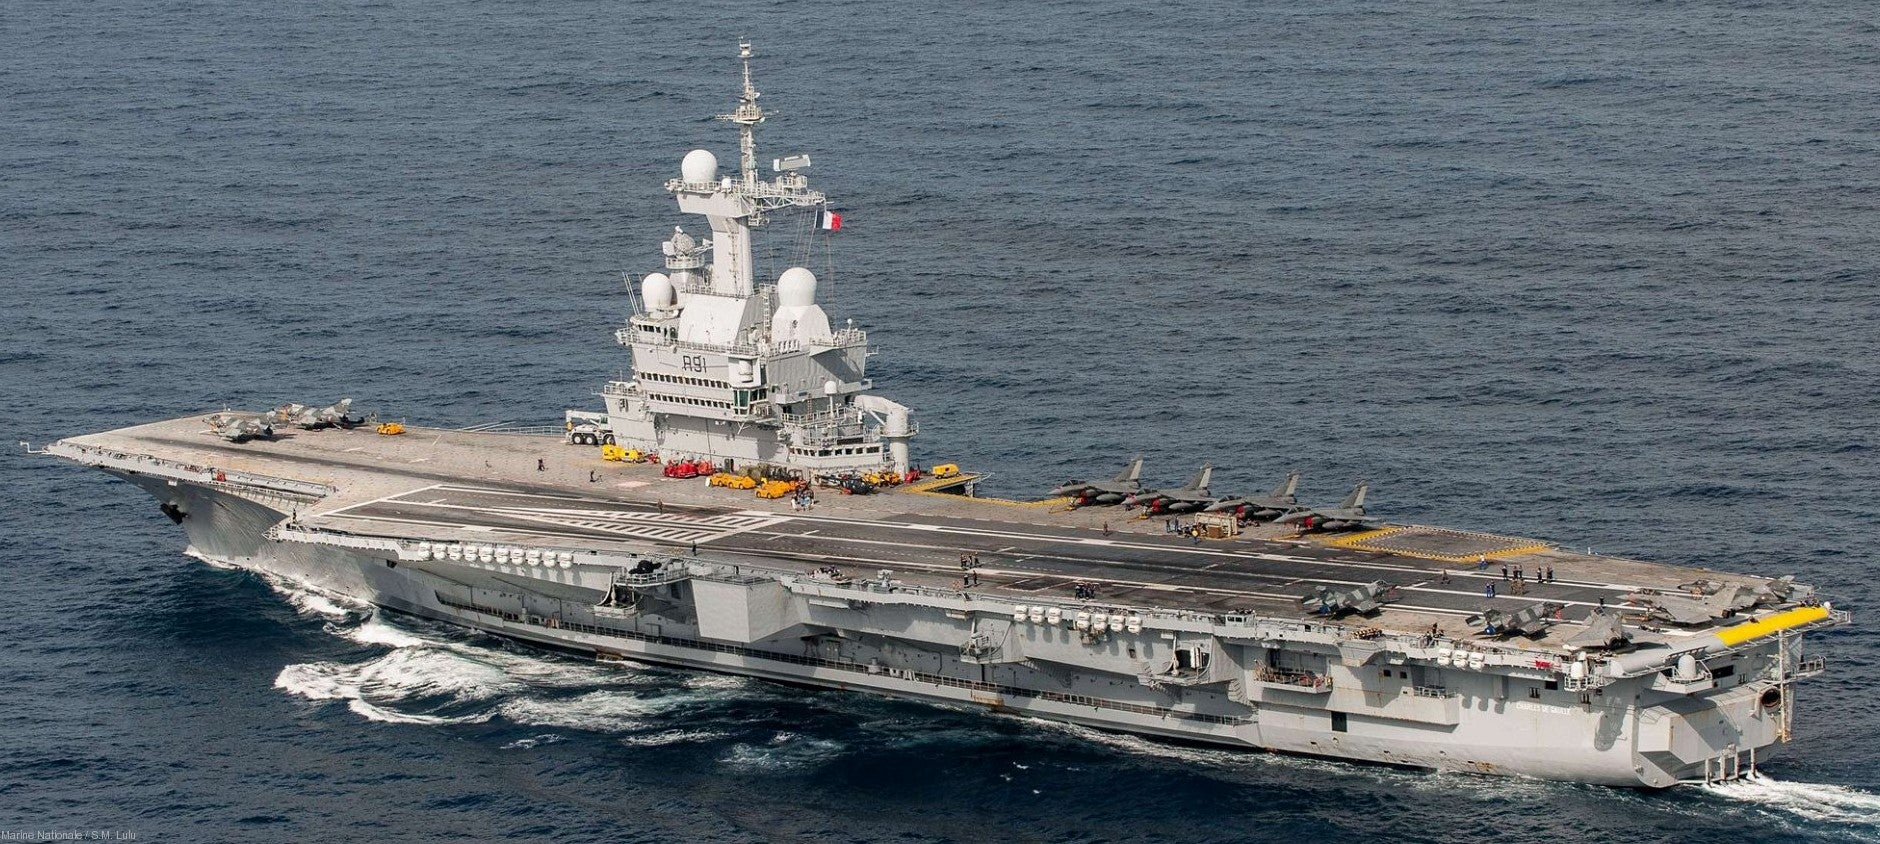 Τουρκικός πανικός για τη συμμαχία Γαλλίας-Ελλάδας: «Στρέφουν το γαλλικό αεροπλανοφόρο εναντίον μας» – «Τους τρόμαξαν οι φρεγάτες στην Αλγερία»